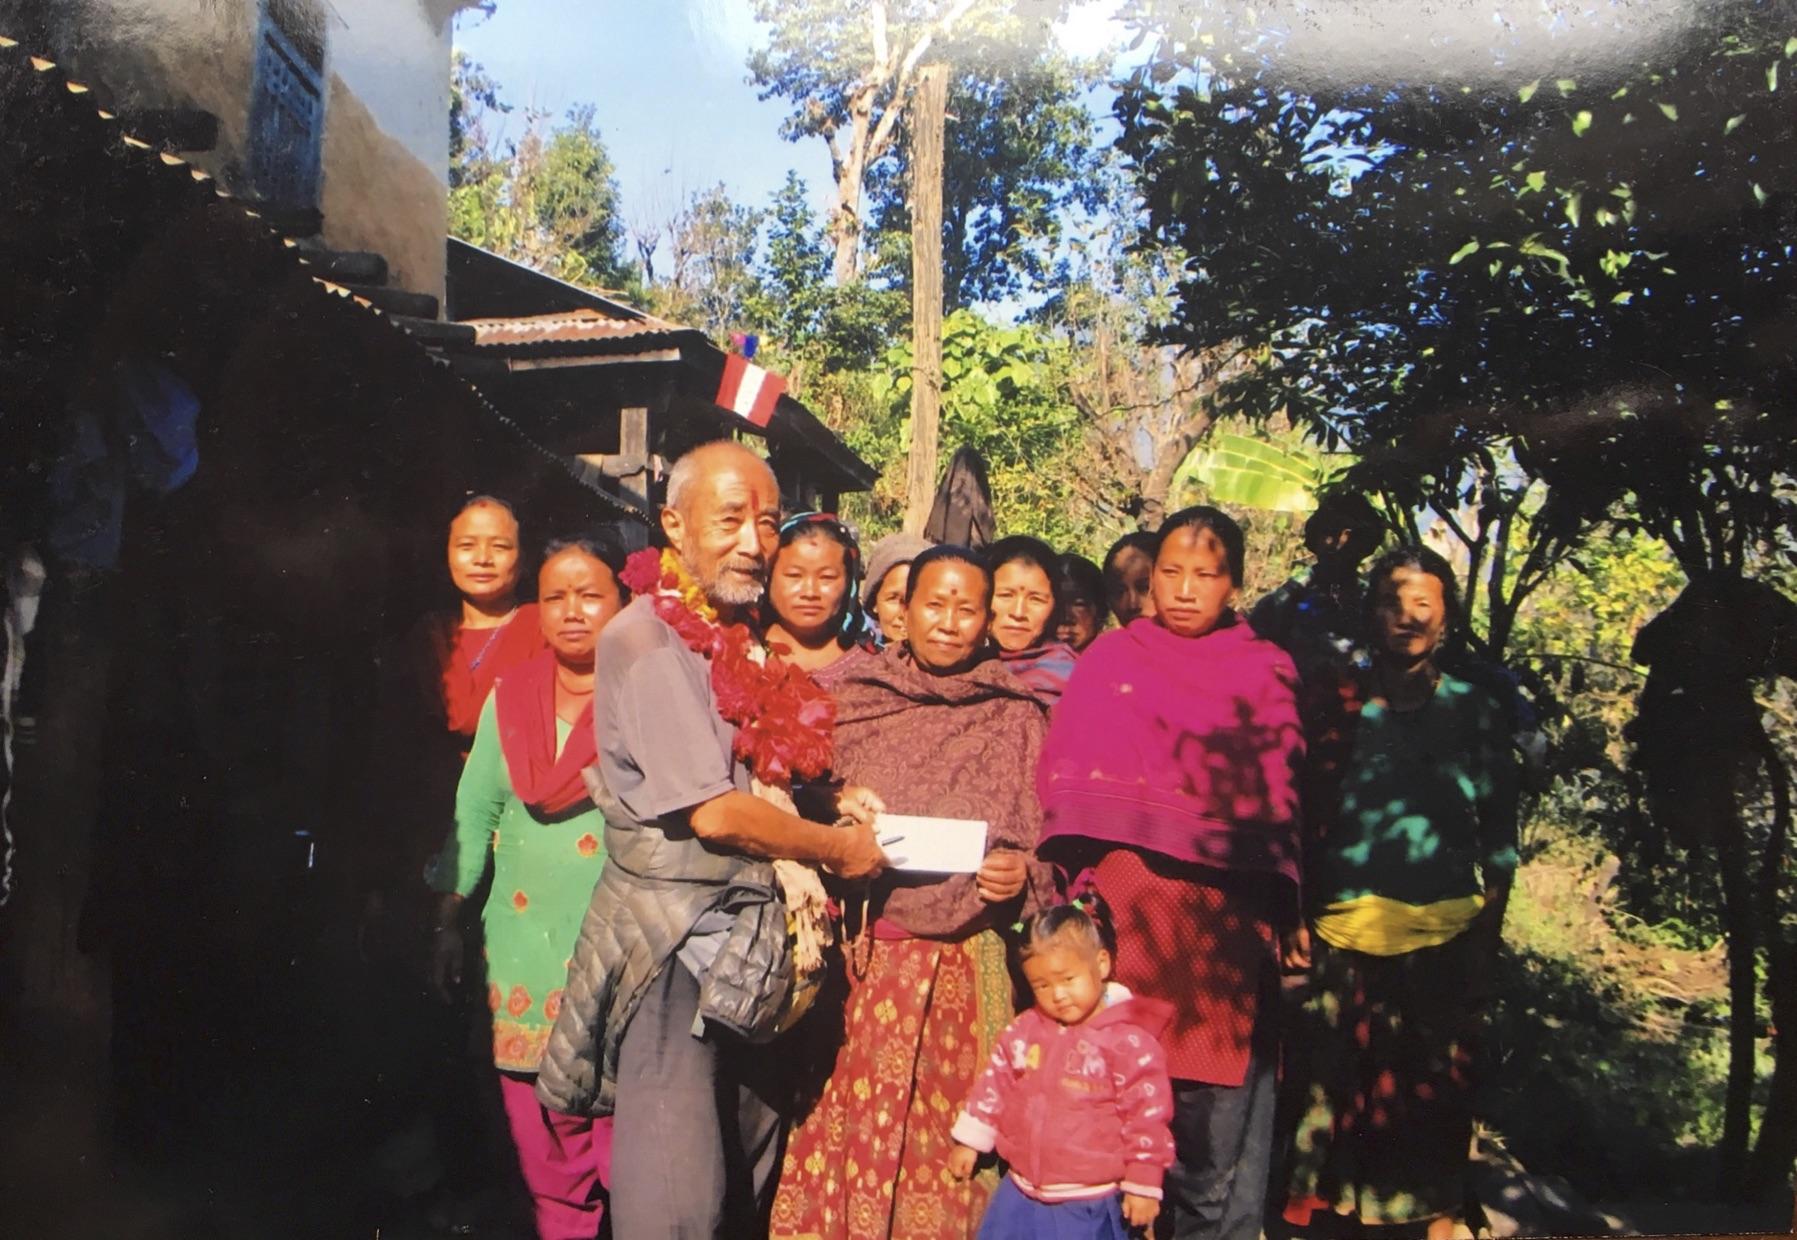 ミッテル郡ディルジェ村の女性グループに100,000ルピーの小切手を渡す。このお金を元にして たくさん儲けるぜ!でなく もうけるわよ。 2018.1.20